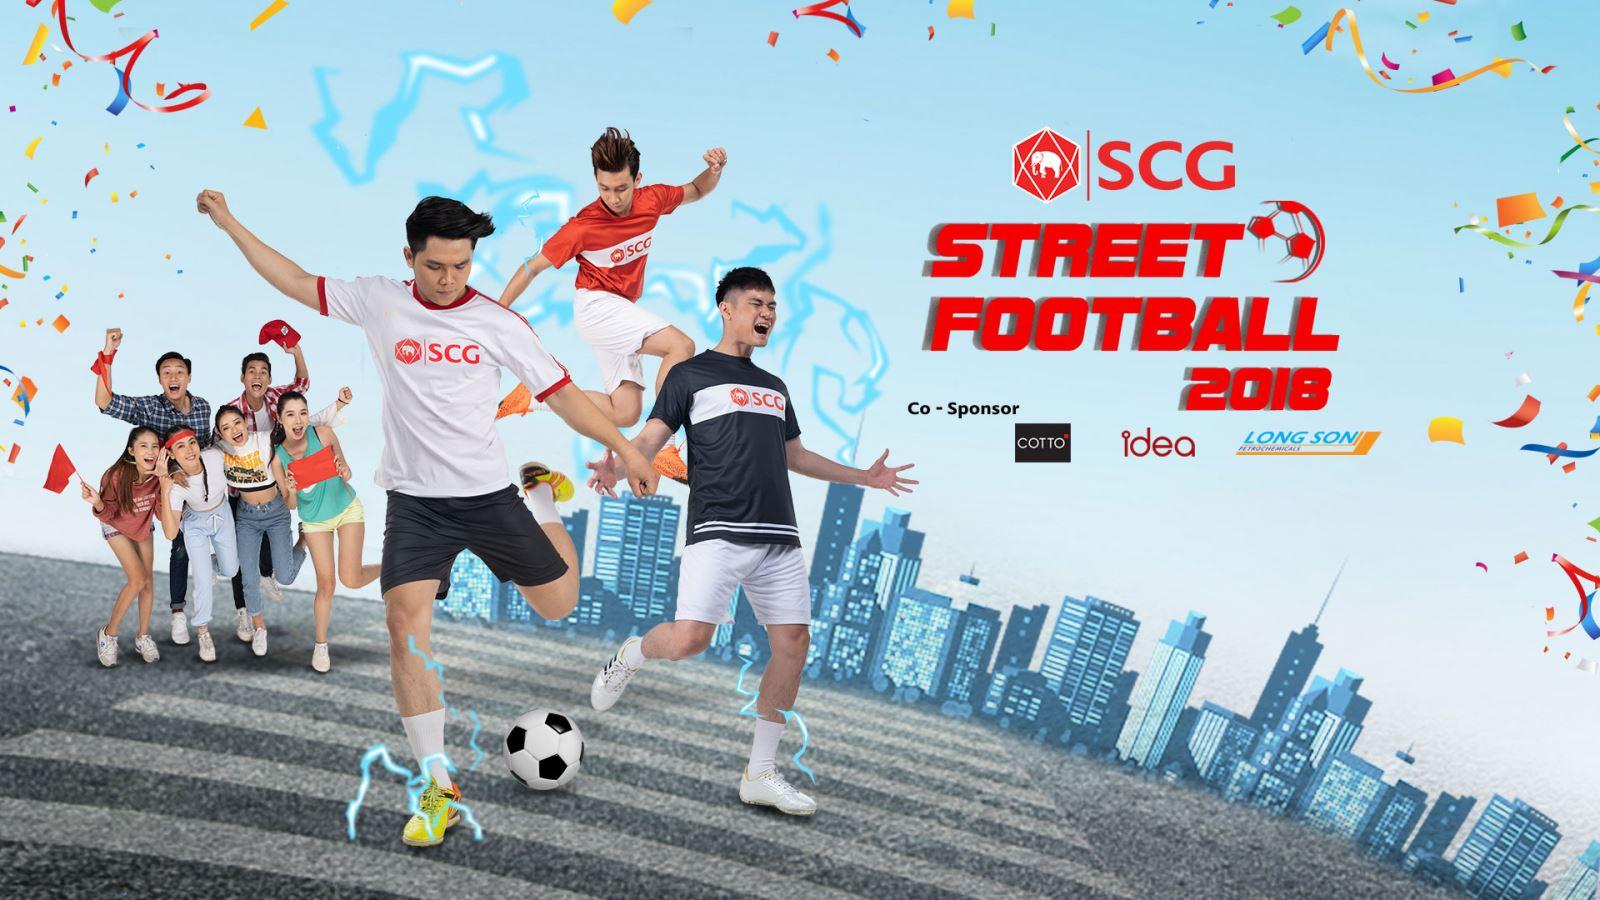 Khởi tranh giải bóng đá đường phố SCG Street Football 2018